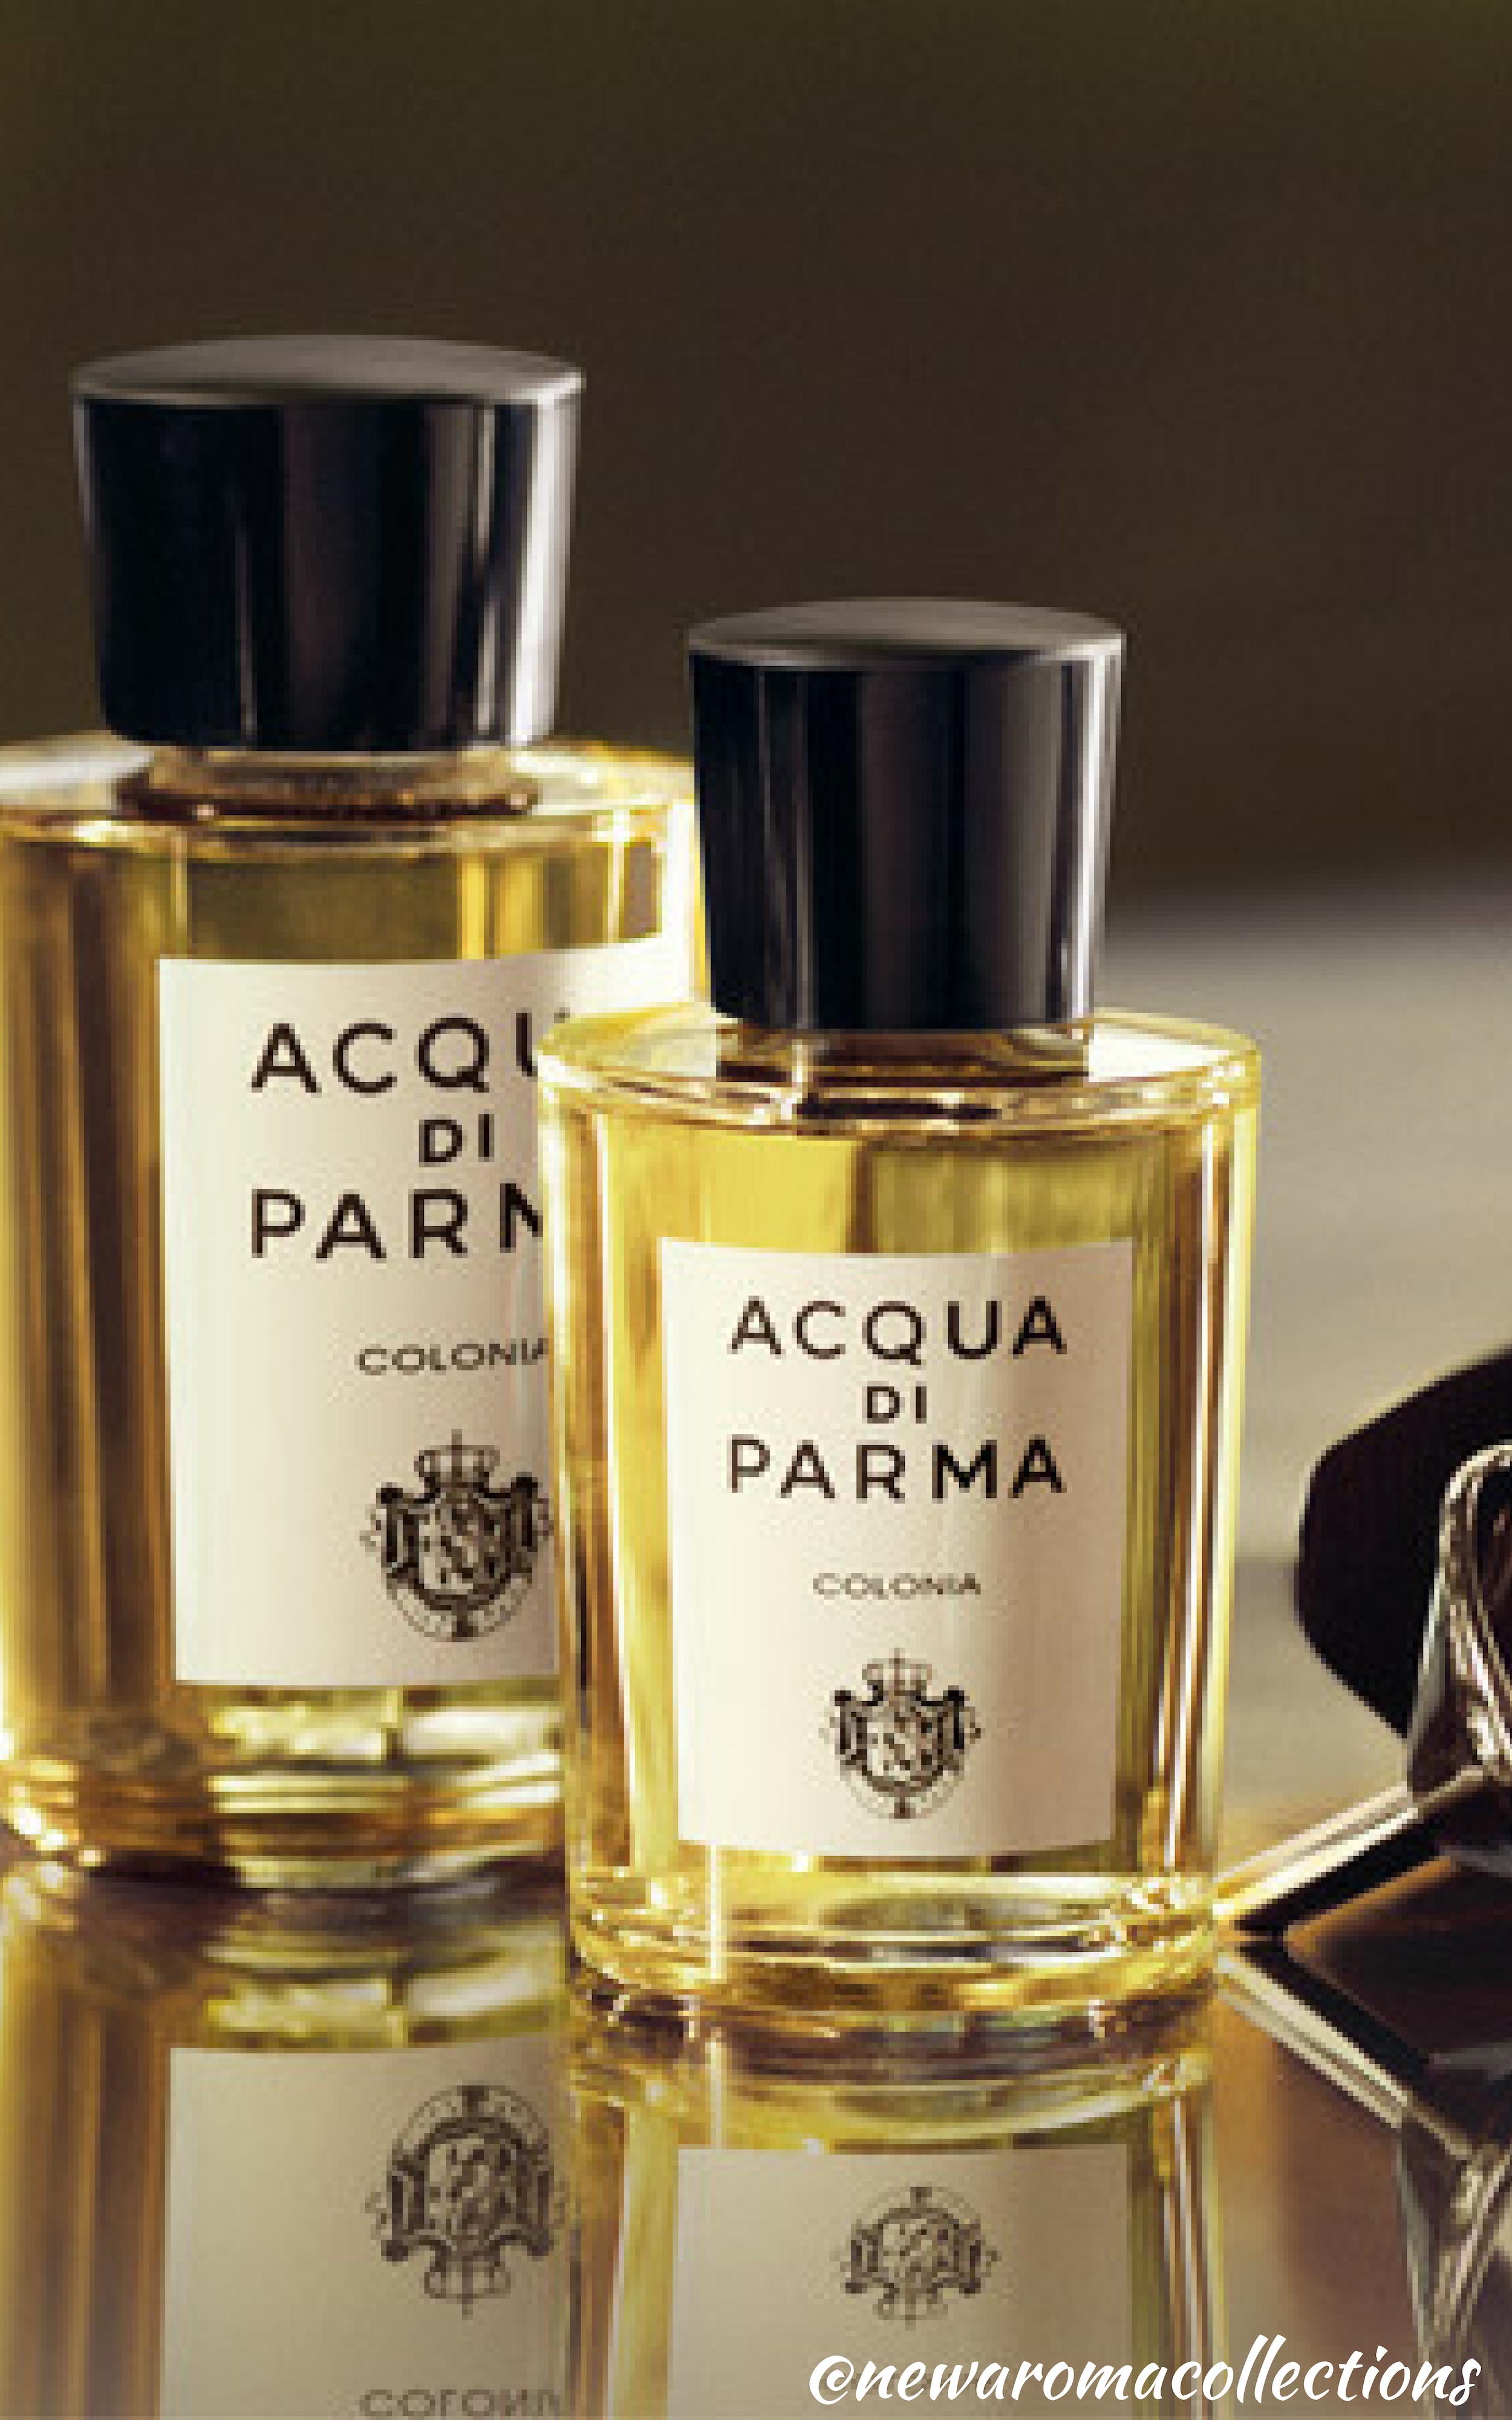 Acqua Di Parma Colonia 3 4 Oz Eau De Cologne Spray Perfume Eau De Cologne Cologne Spray